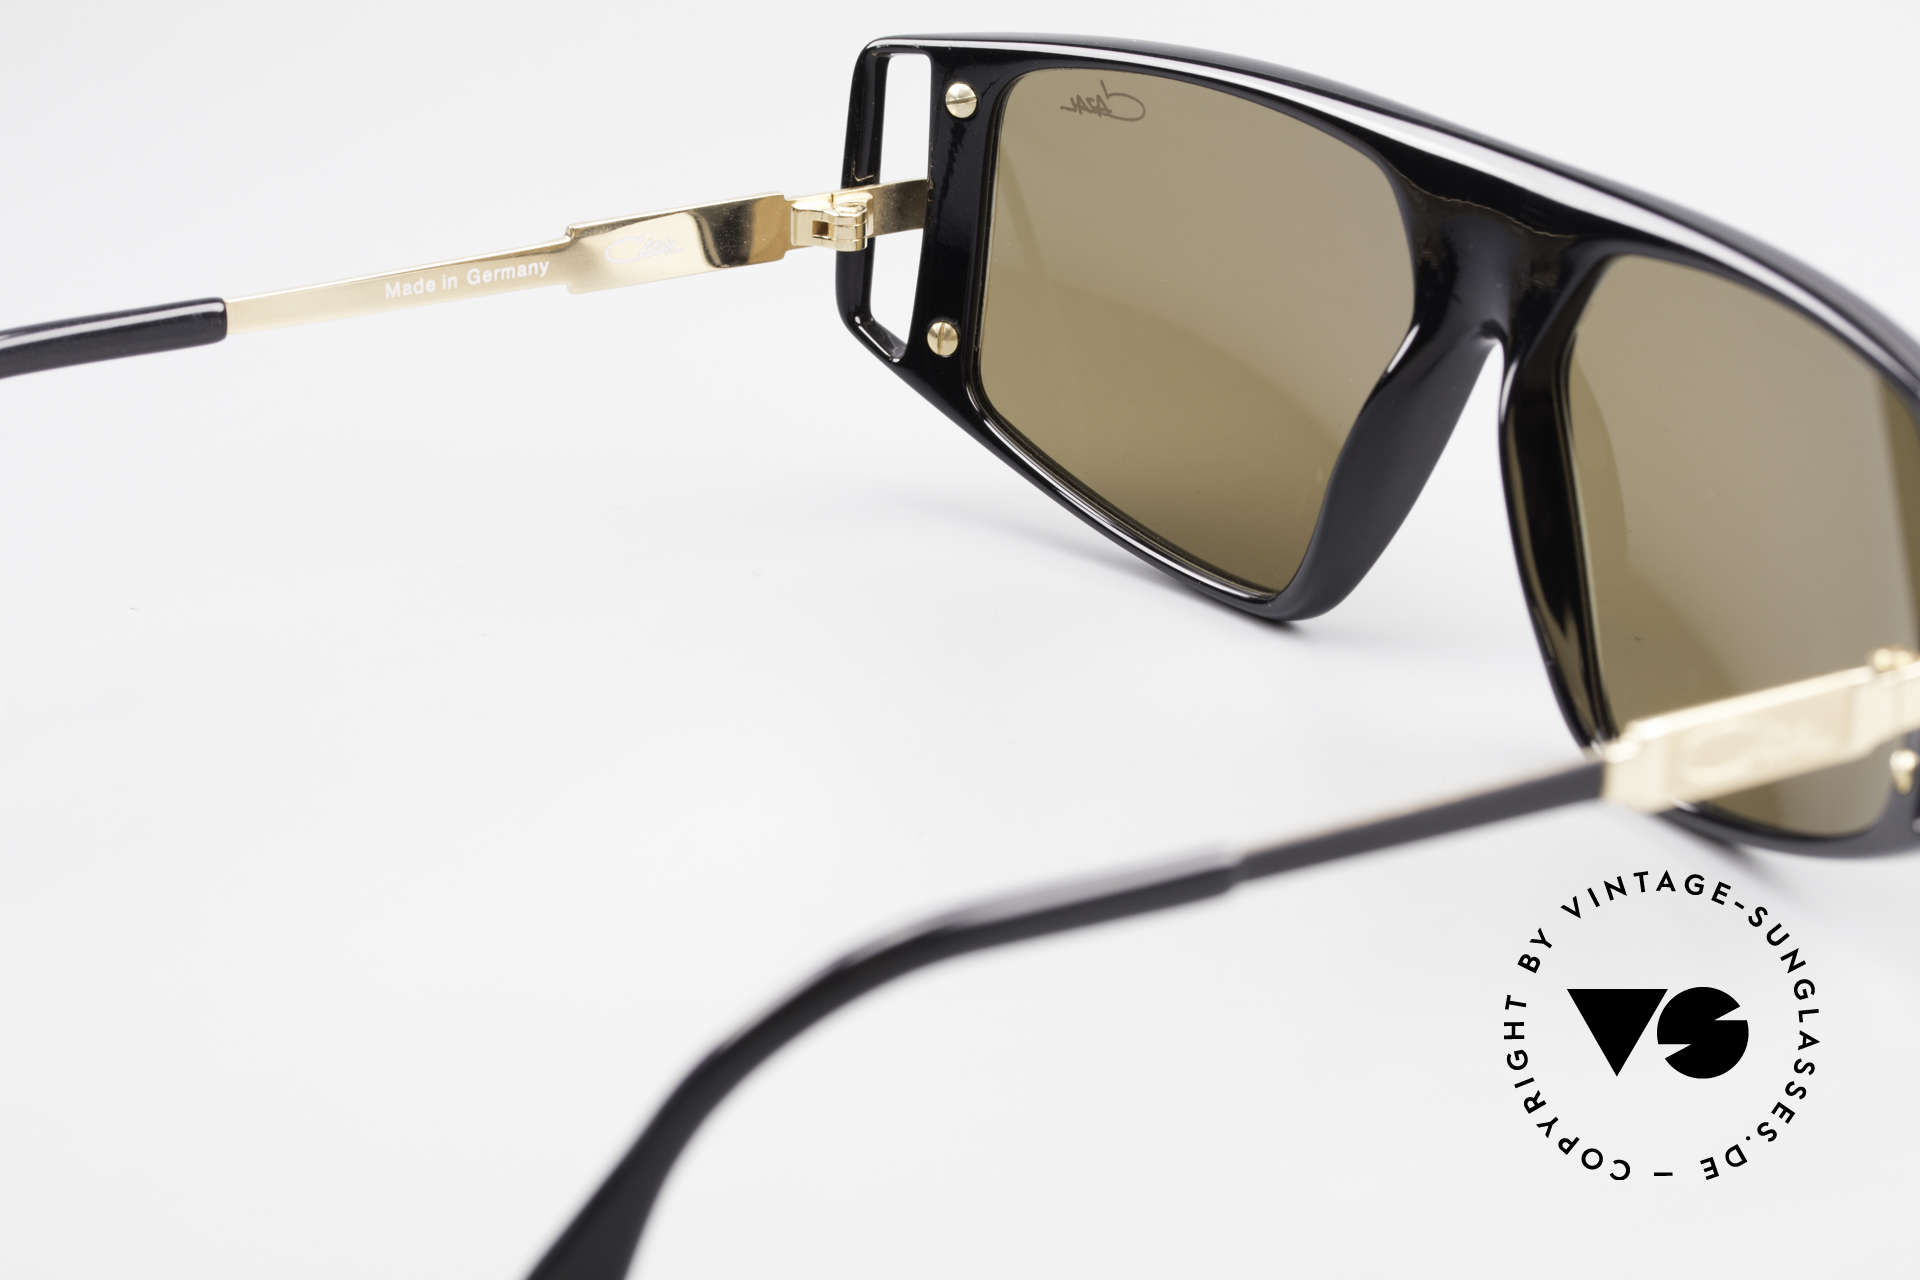 Cazal 874 Legendäre 90er Sonnenbrille, KEINE RETROmode; ein ca. 25 Jahre altes Original!, Passend für Herren und Damen